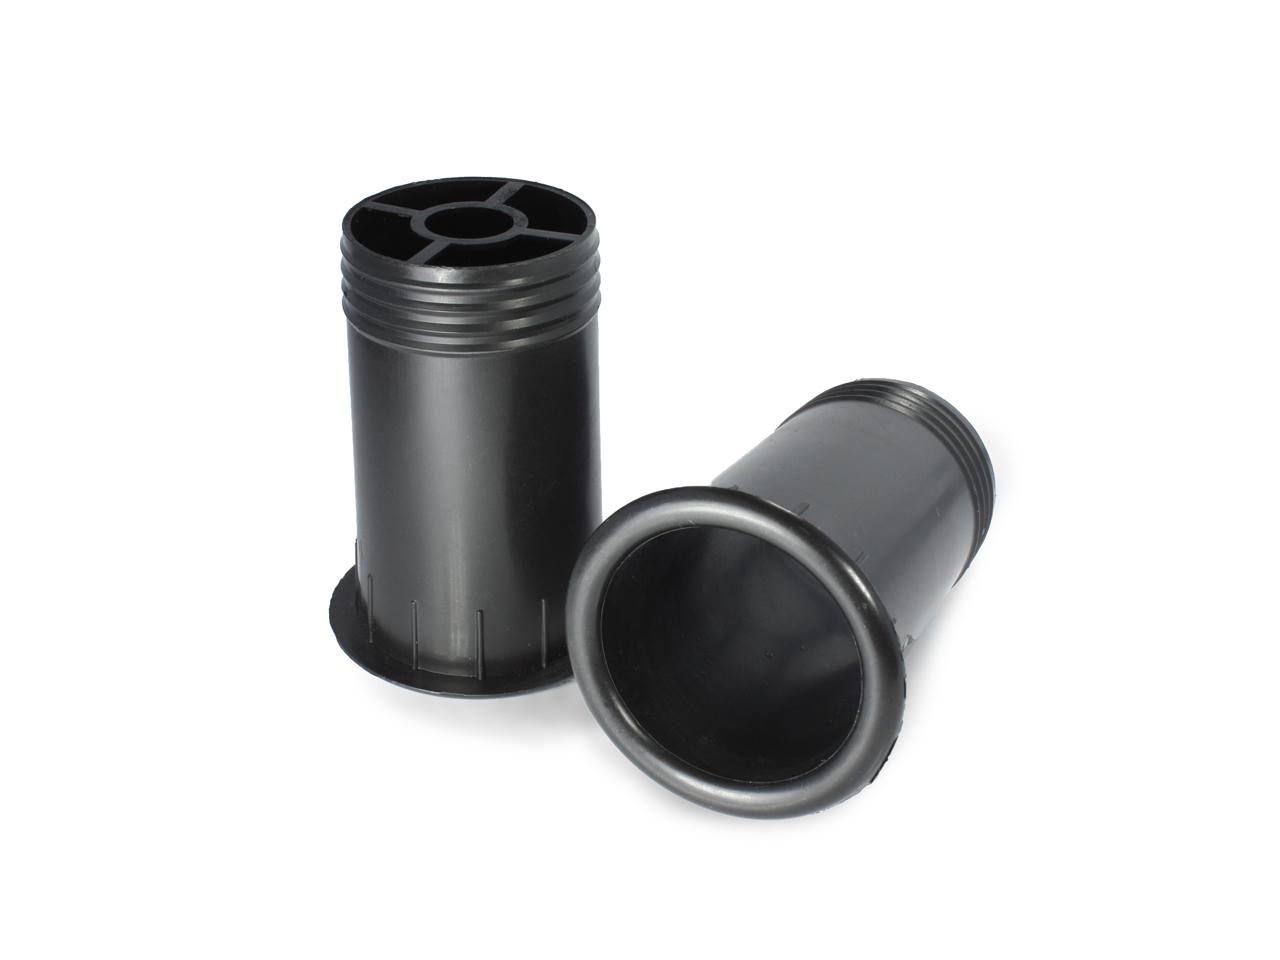 バスレフ型スピーカーの製作に 綺麗な仕上がり メイルオーダー 新発売 樹脂製 ブラック スピーカーバスレフポート2個セット Φ44mm×74mm